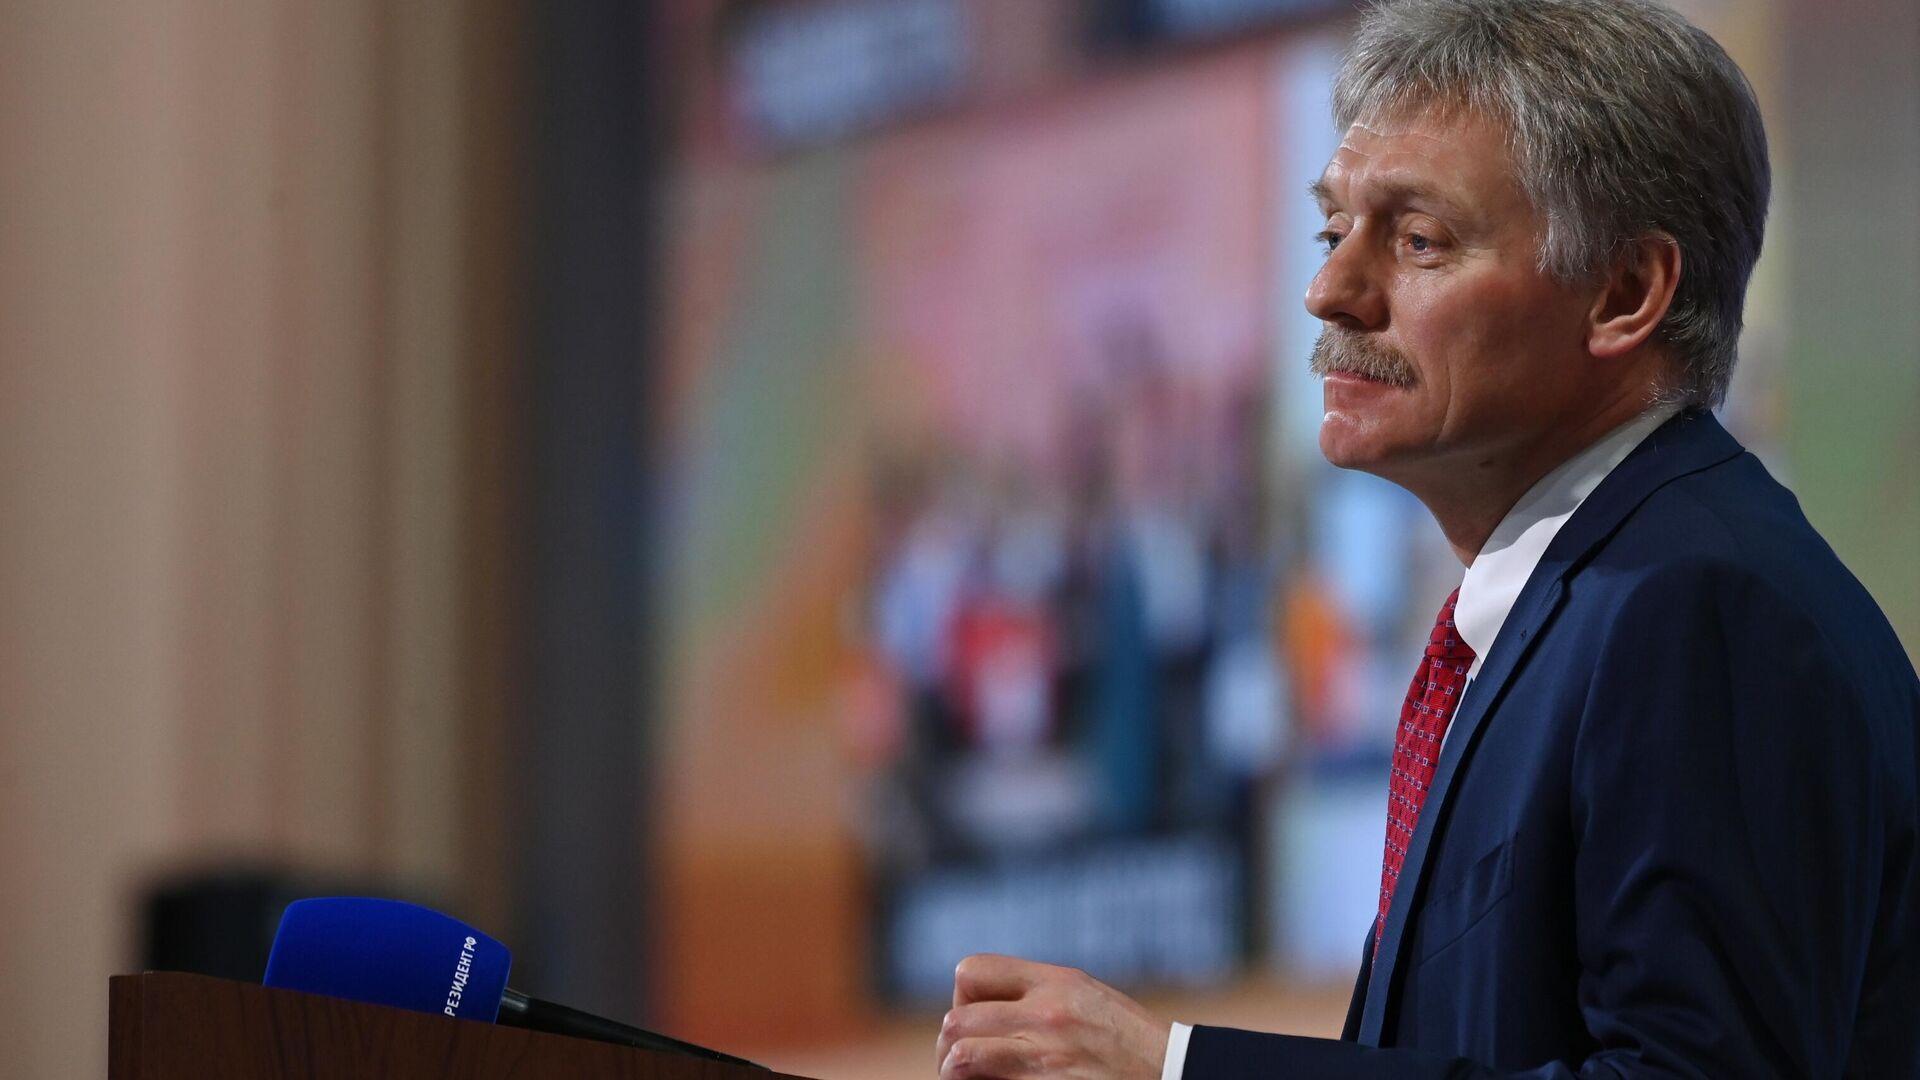 Kreml-Sprecher Dmitri Peskow bei der großen Pressekonferenz mit Wladimir Putin am 17. Dezember 2020 - SNA, 1920, 27.09.2021